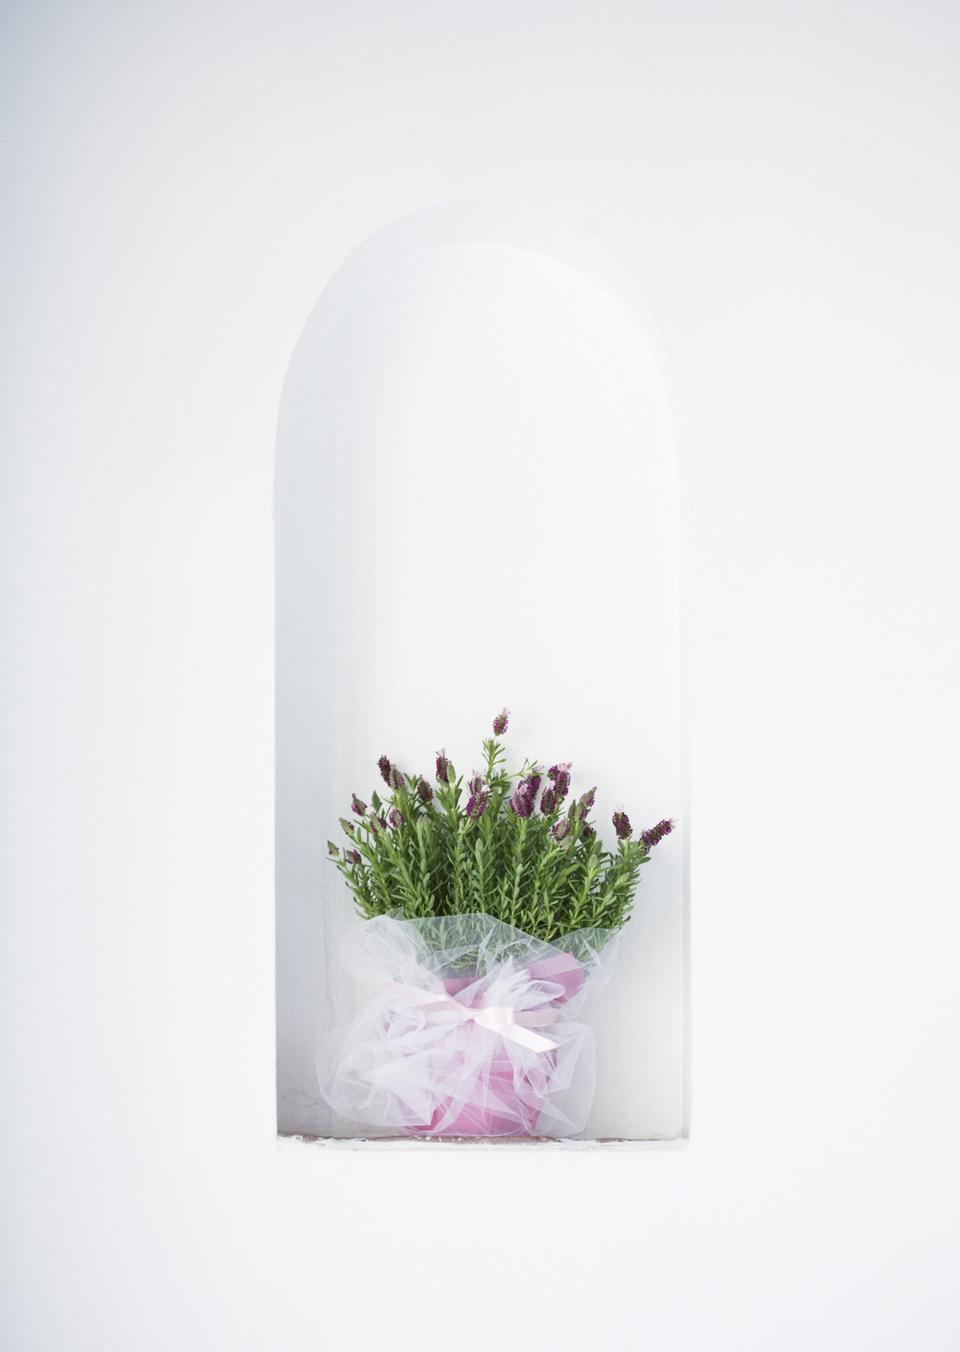 花薰衣草香草植物在心疼錫鍋